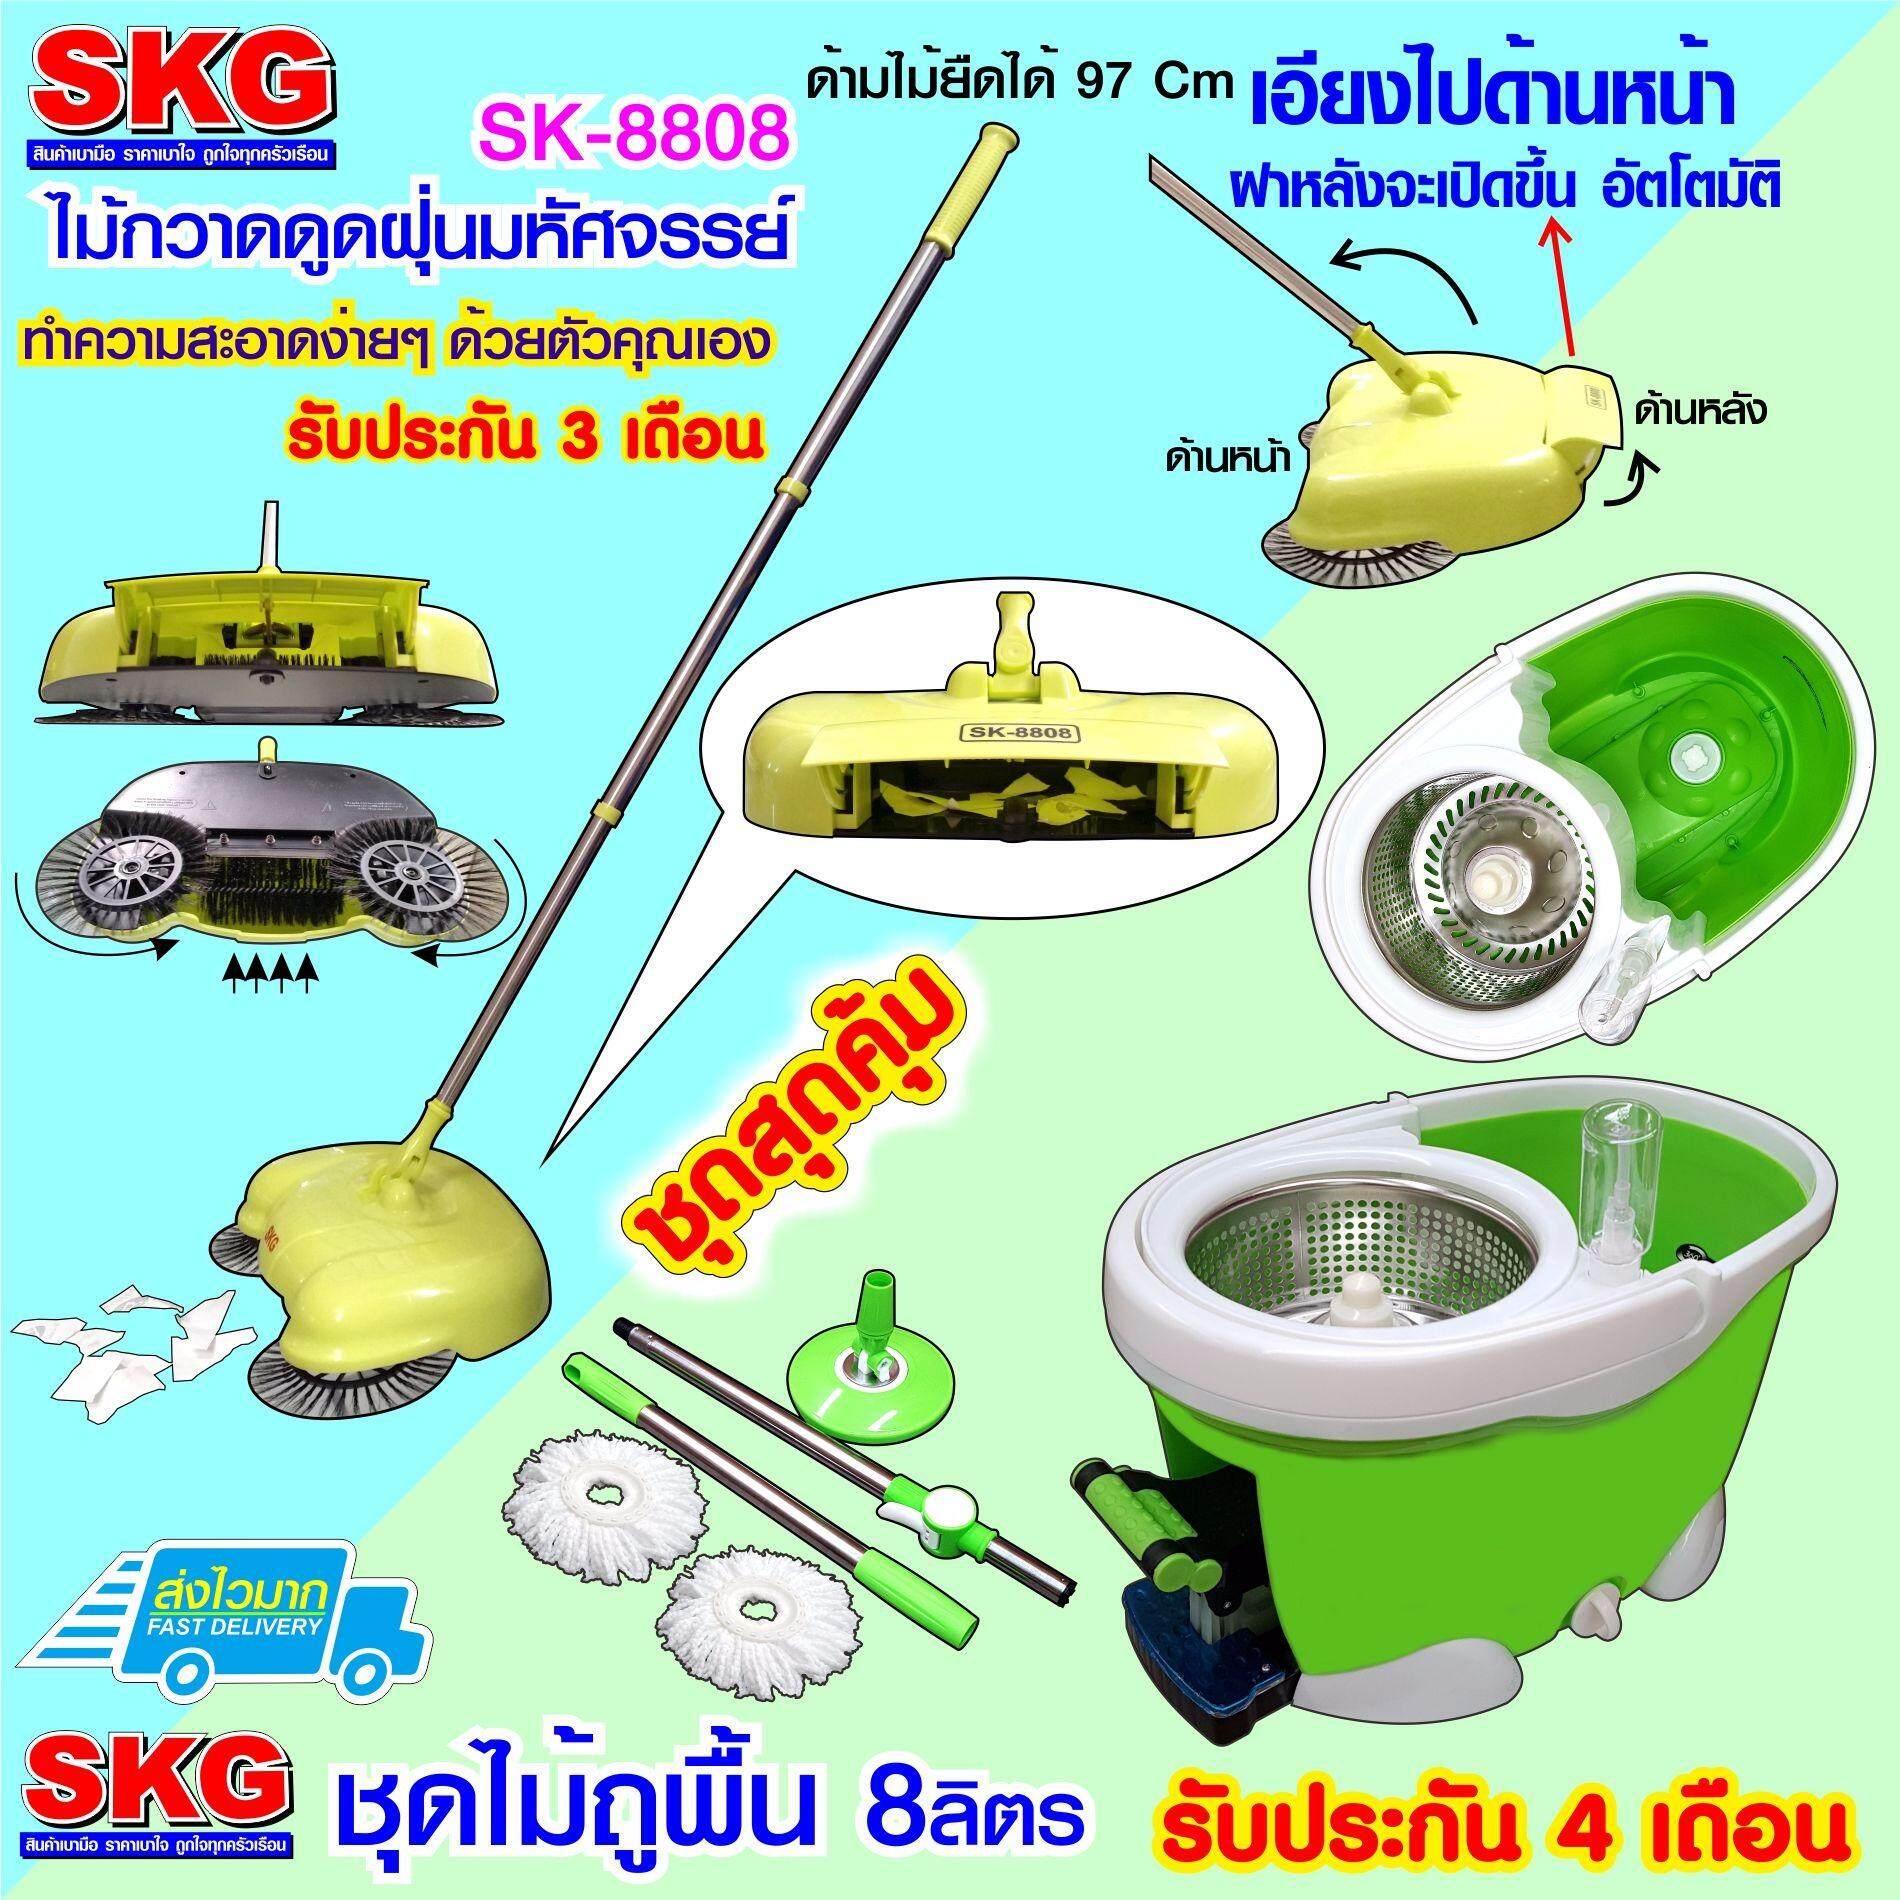 SKG ชุดสุดคุ้ม รุ่น SK-6625 + รุ่น SK-8808